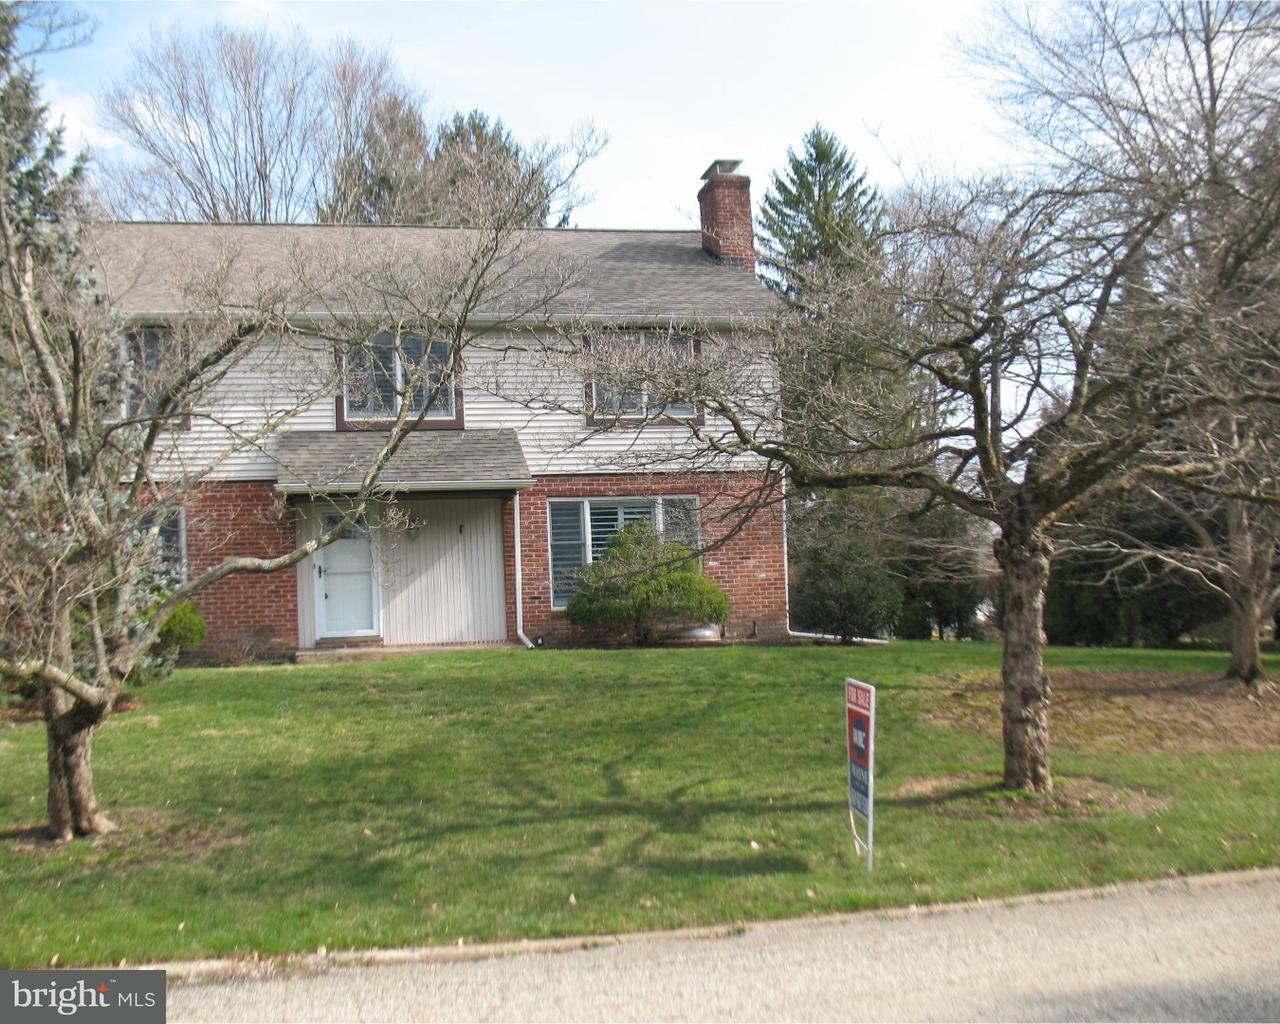 独户住宅 为 出租 在 362 RED FOX Road 韦恩, 宾夕法尼亚州 19087 美国